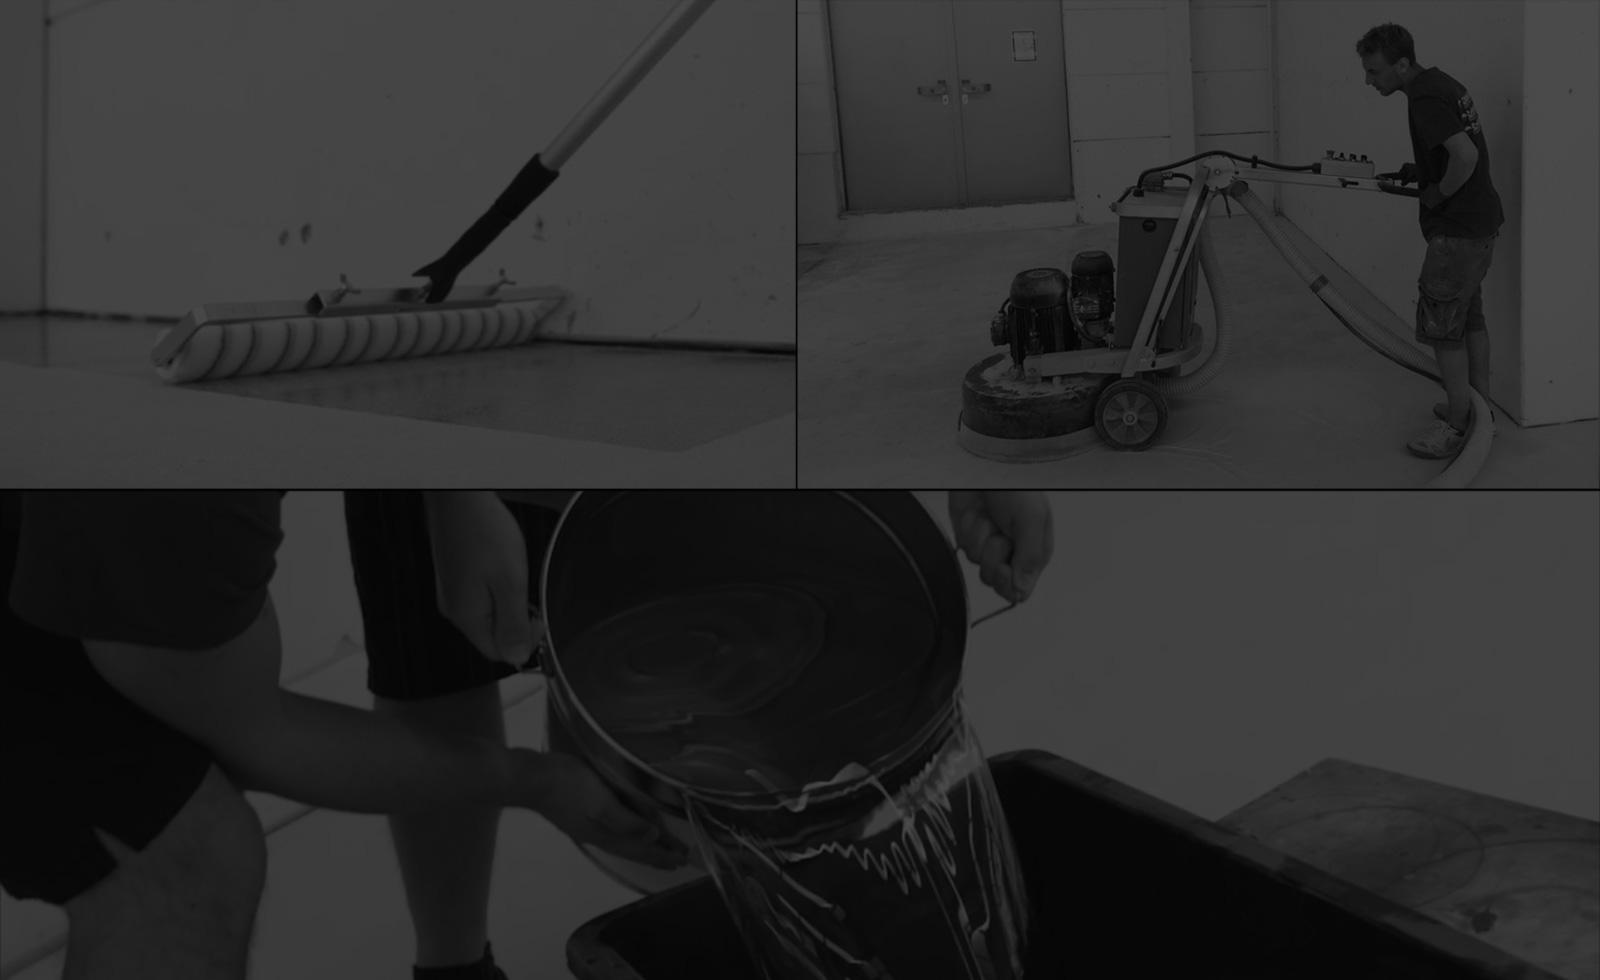 Fussbodentechnik